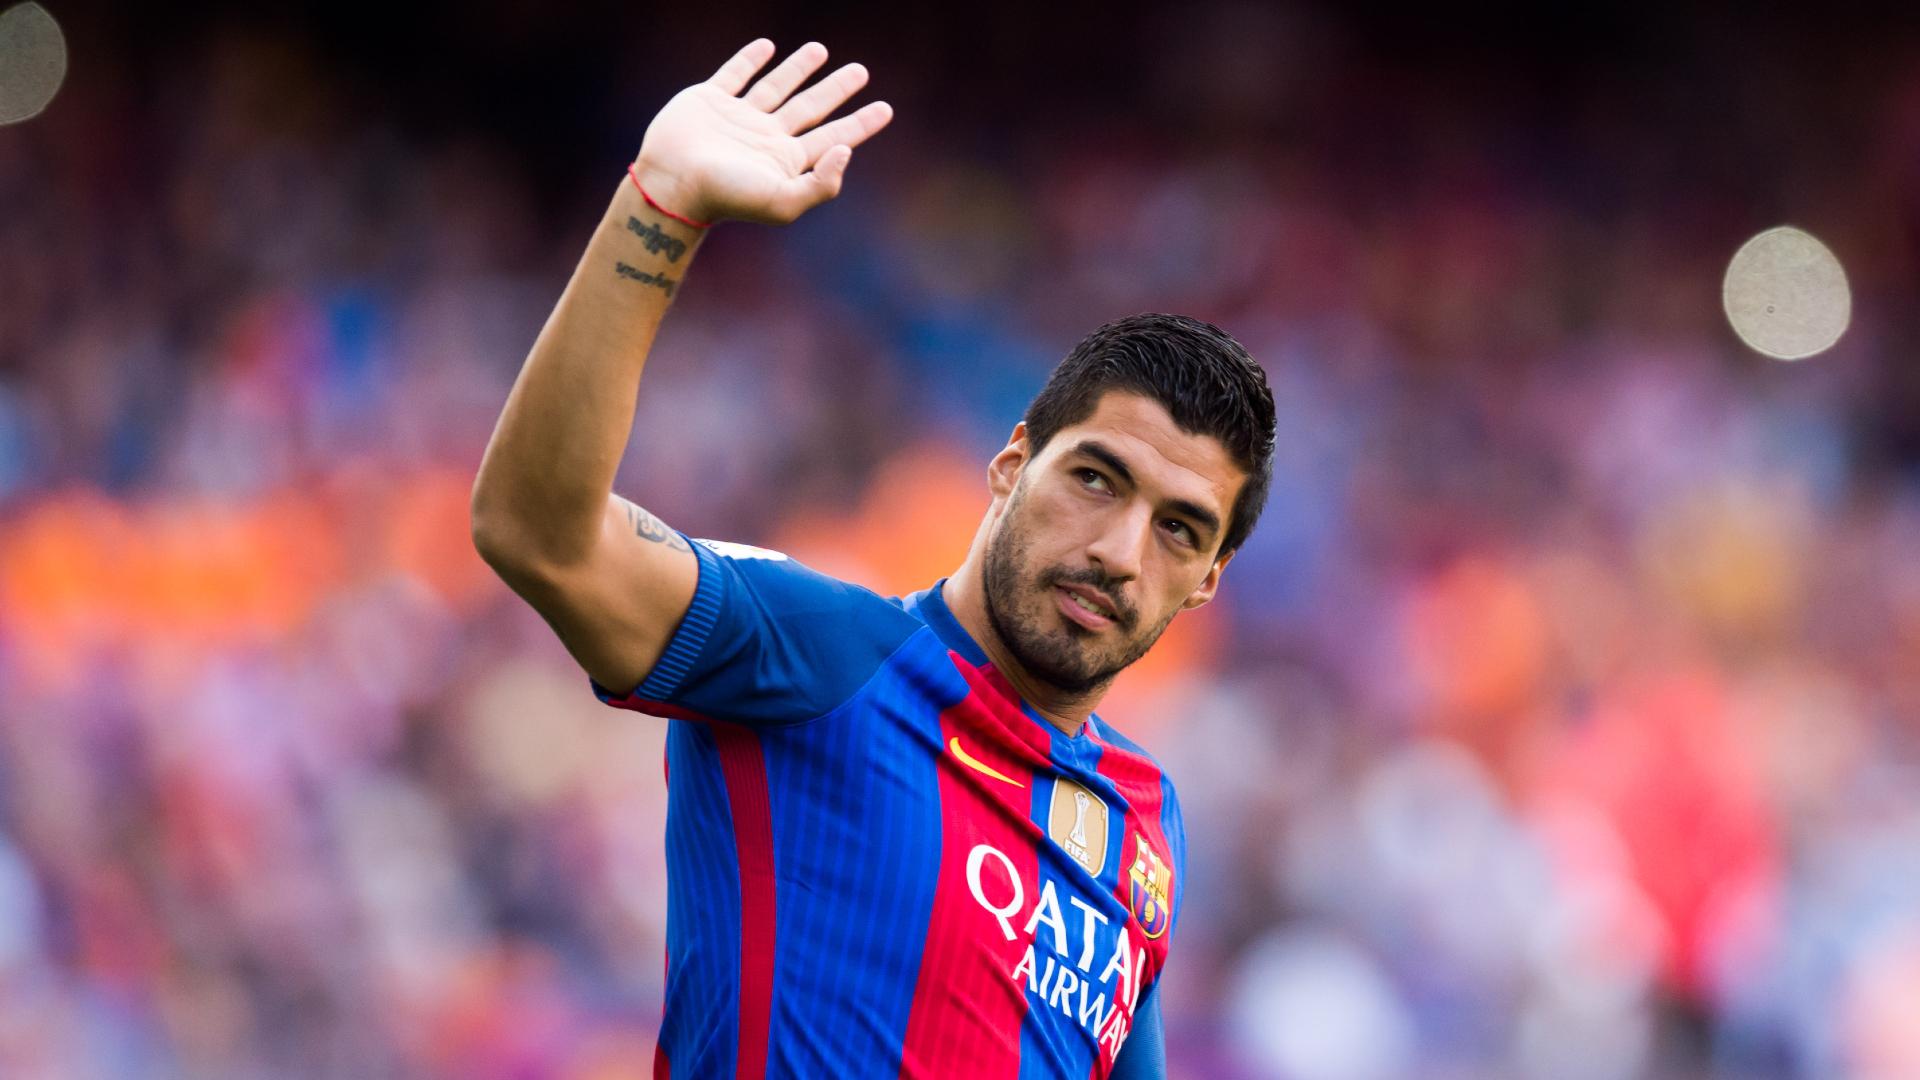 Vidéo - Luis Suarez a fait ses adieux aux joueurs du FC Barcelone